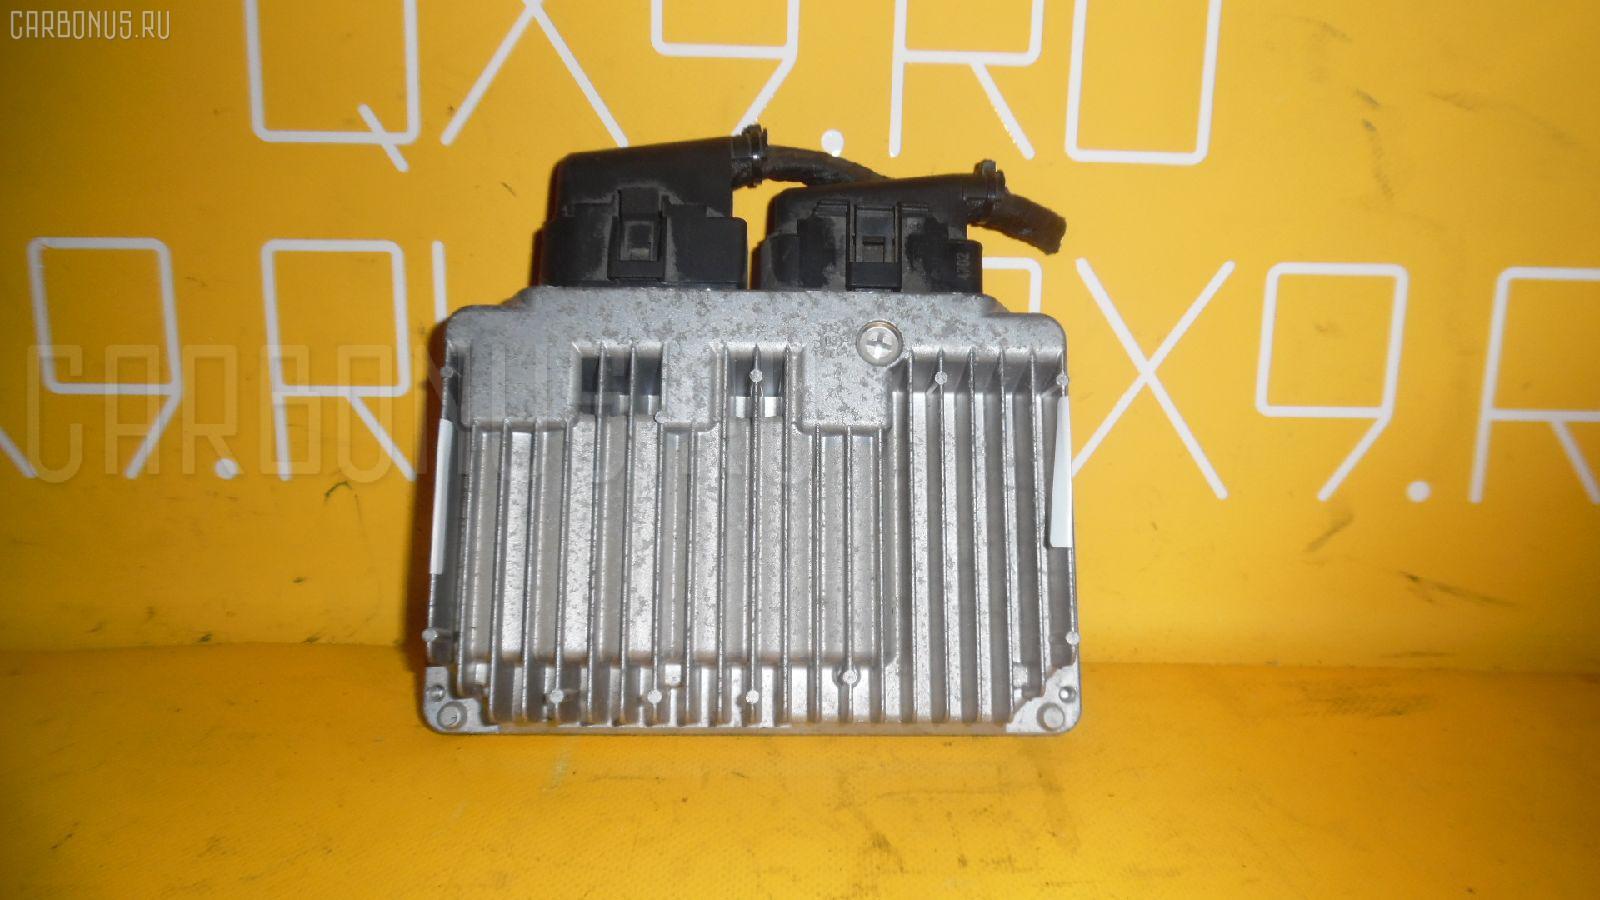 Блок упр-я BMW 3-SERIES E46-AX52 N42B20A Фото 1